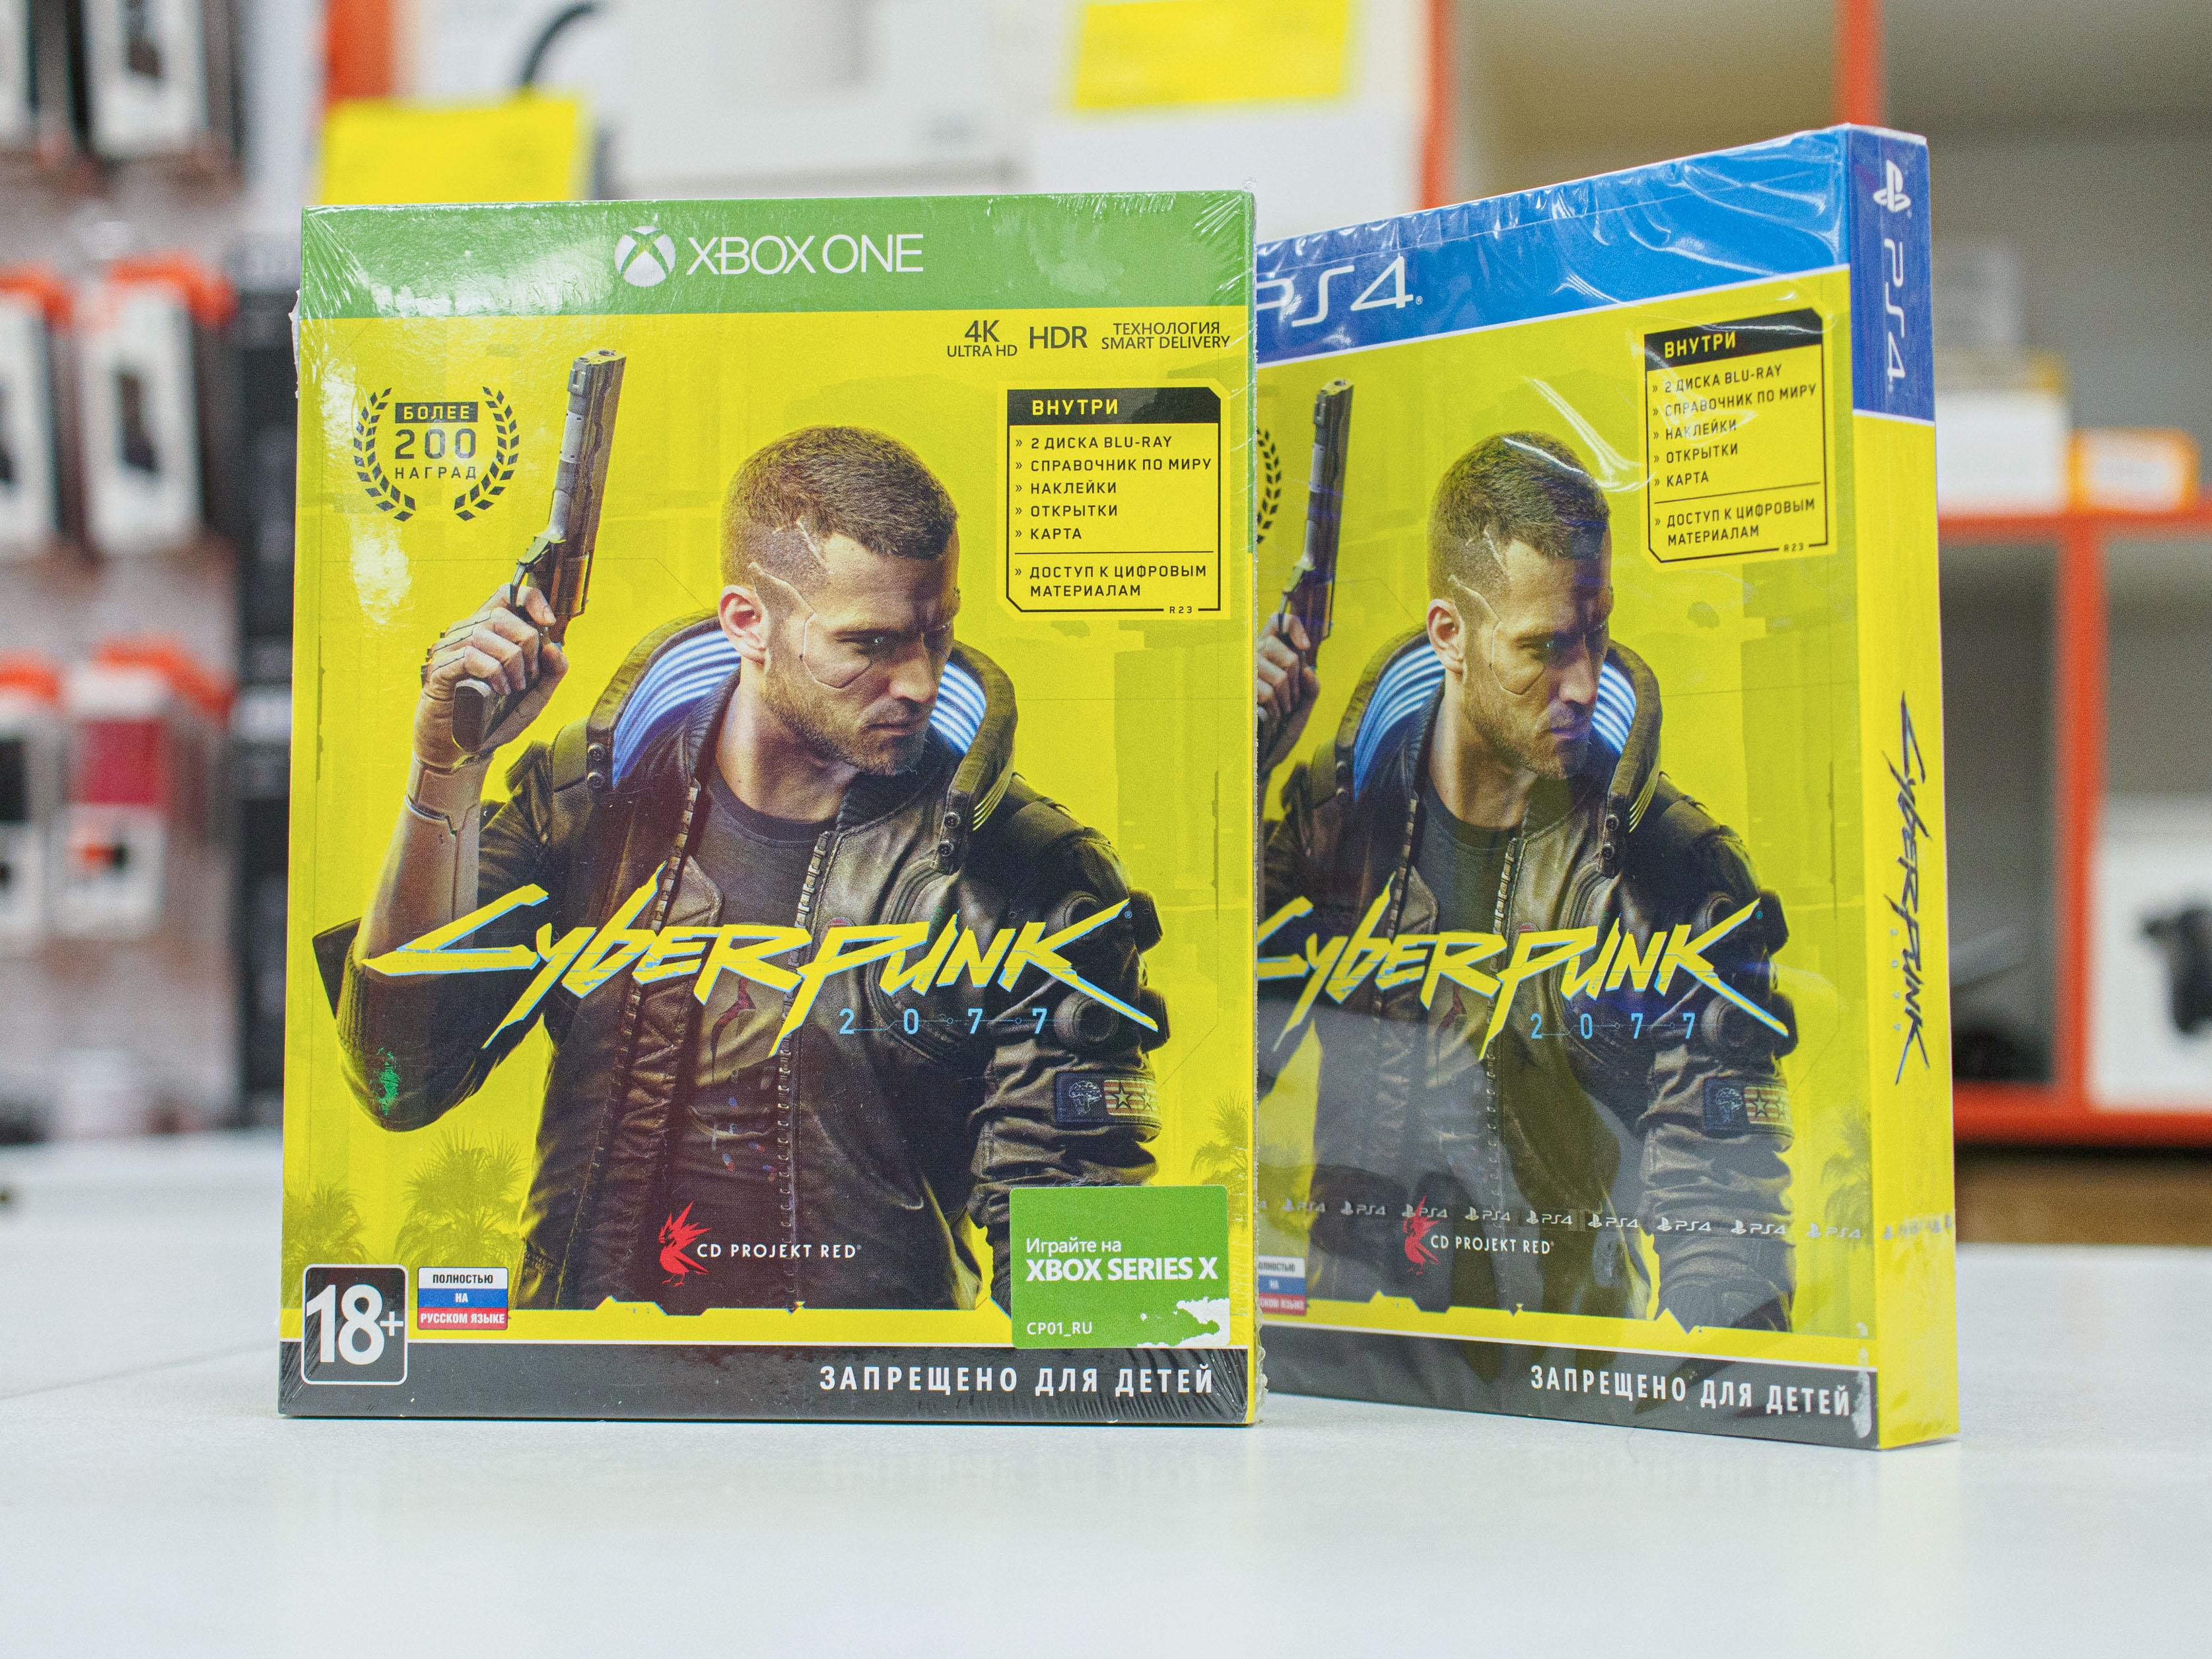 用于PlayStation和XBox游戏机的Cyberpunk游戏光盘。这个。。。